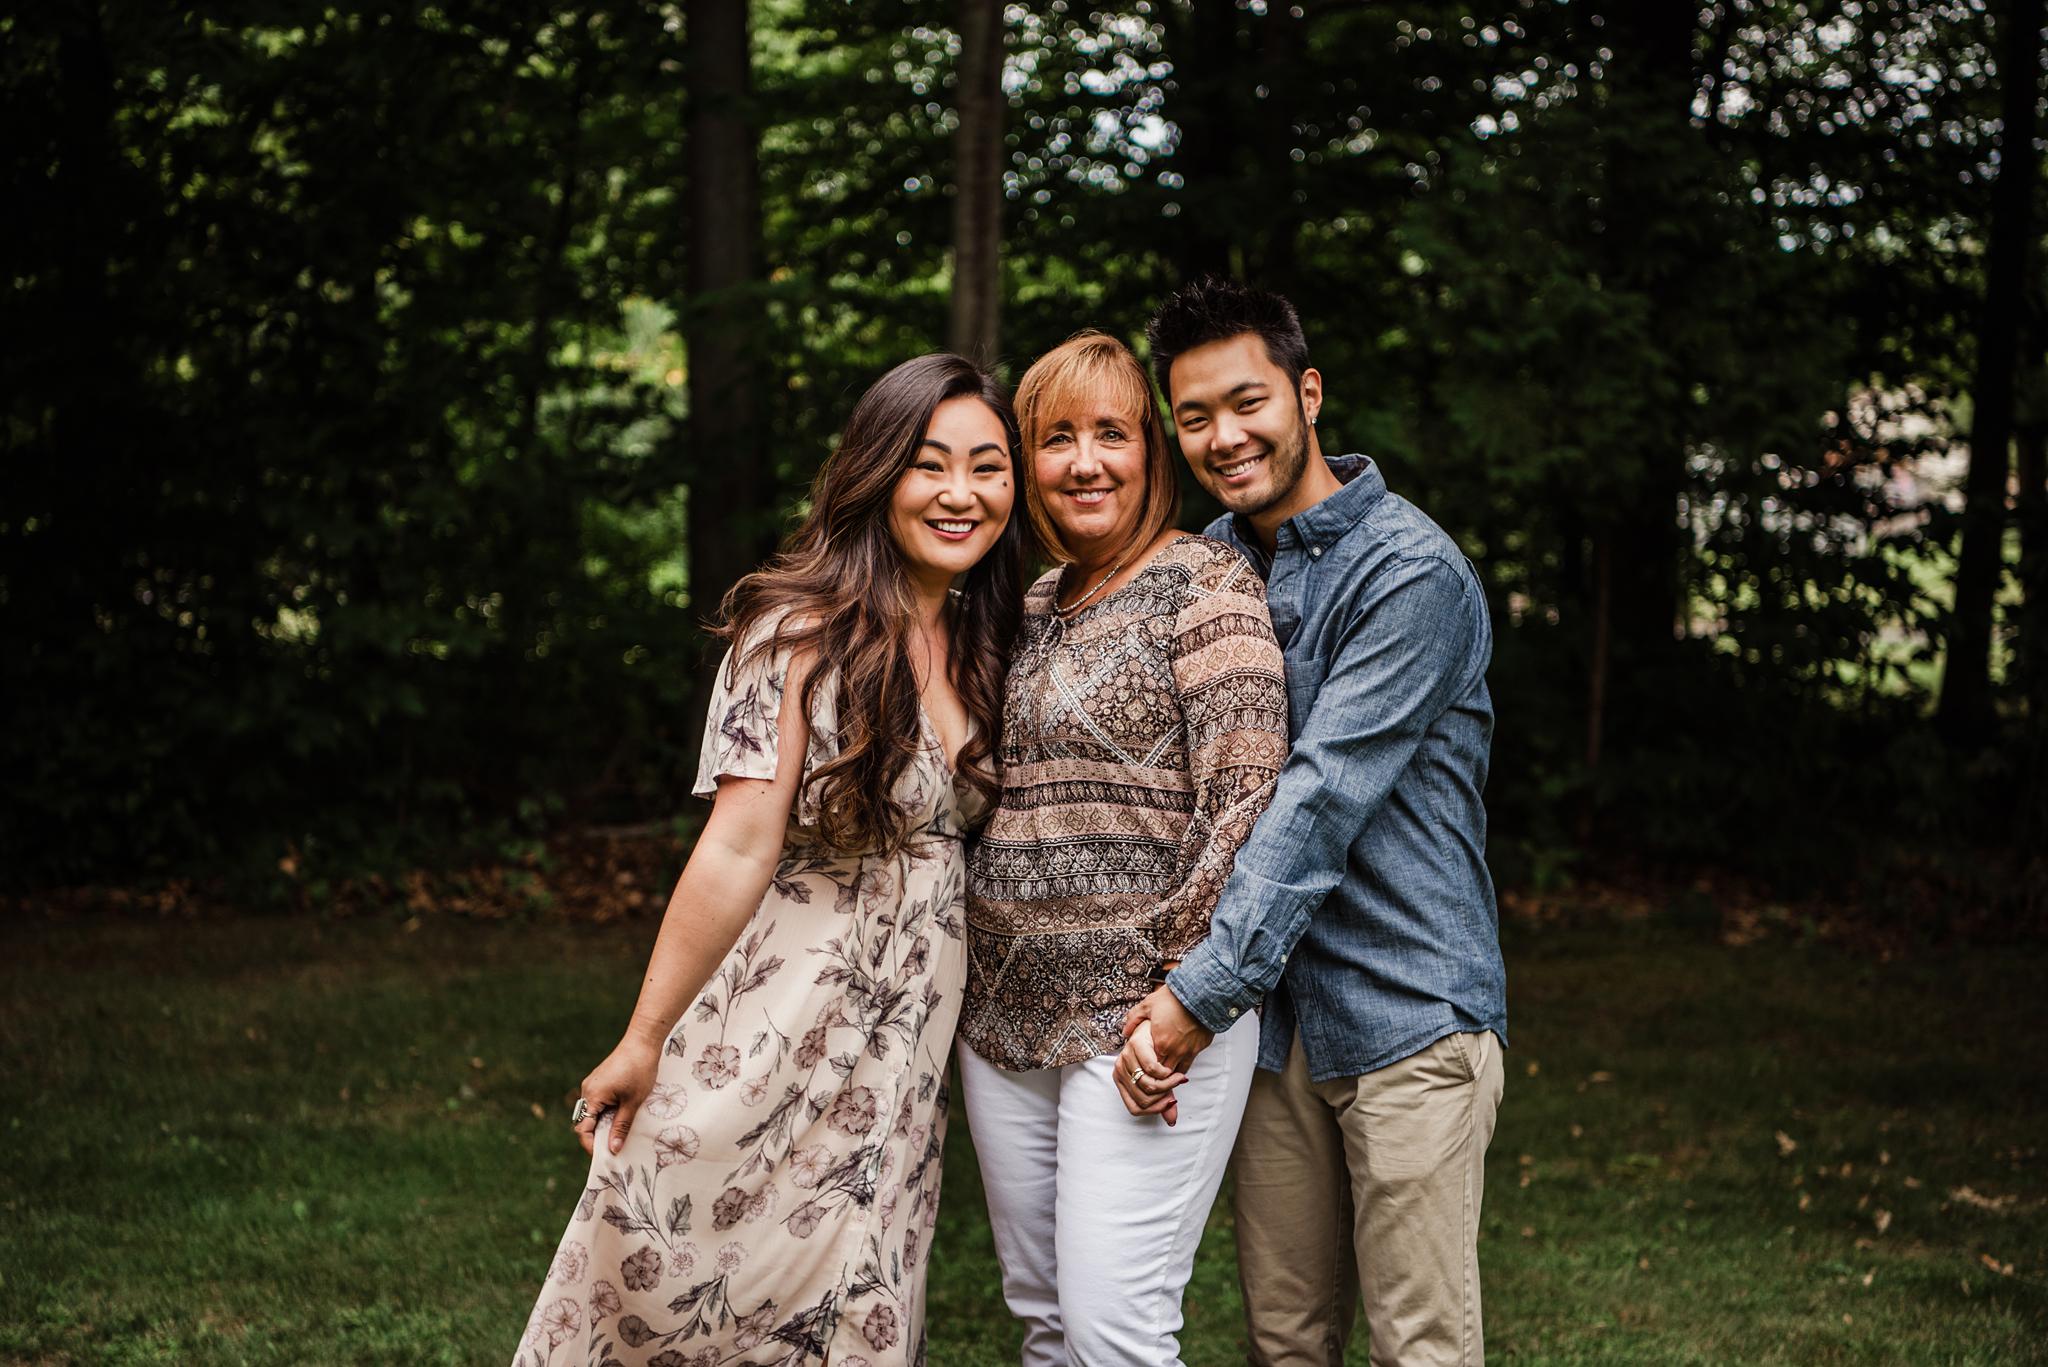 Our_Family_2019_Rochester_Family_Session_JILL_STUDIO_Rochester_NY_Photographer_DSC_5287.jpg